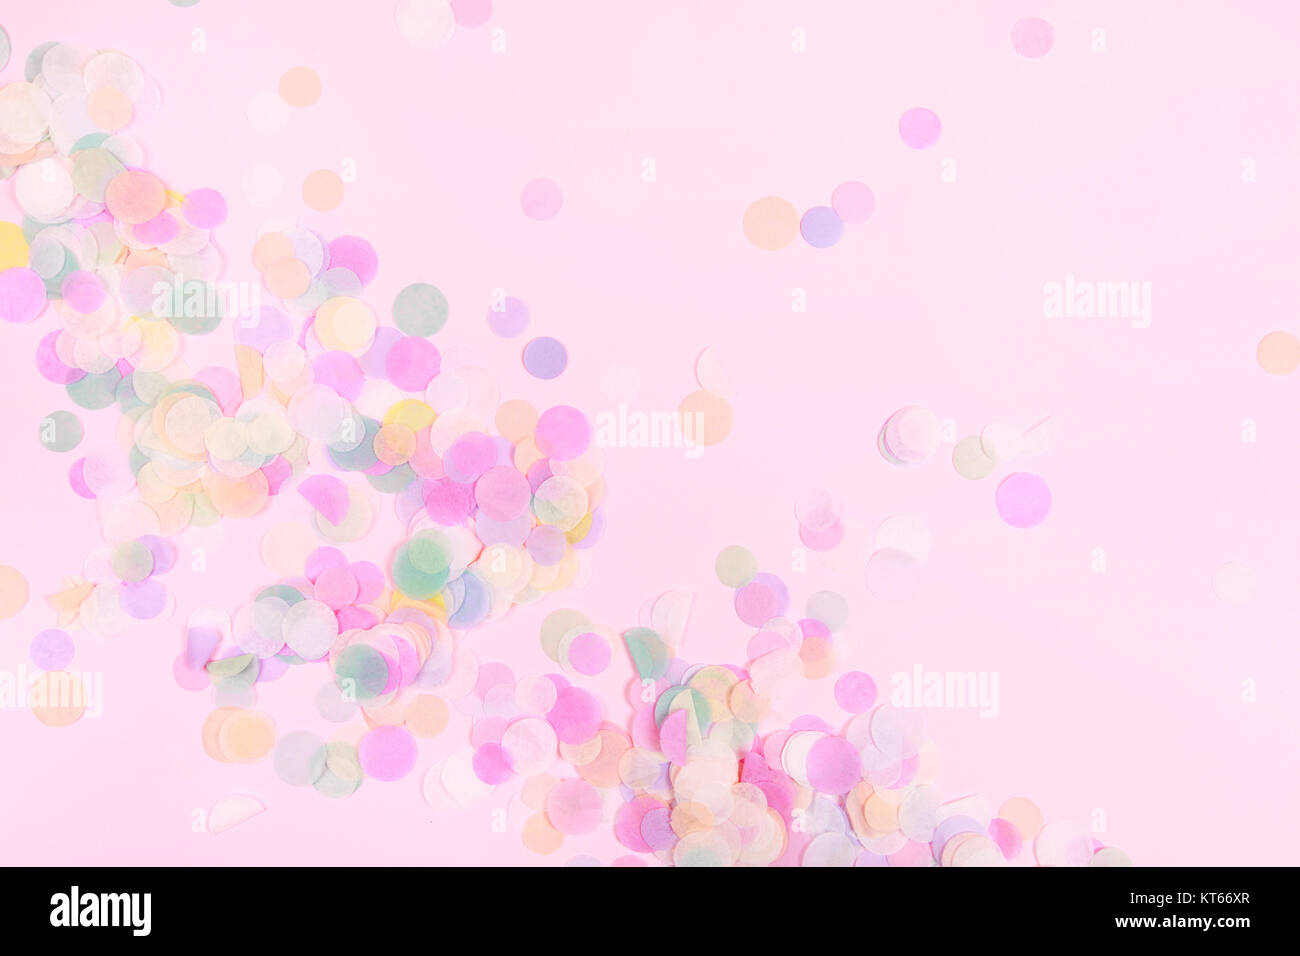 Confetti Falling White Background Stock Photos Amp Confetti